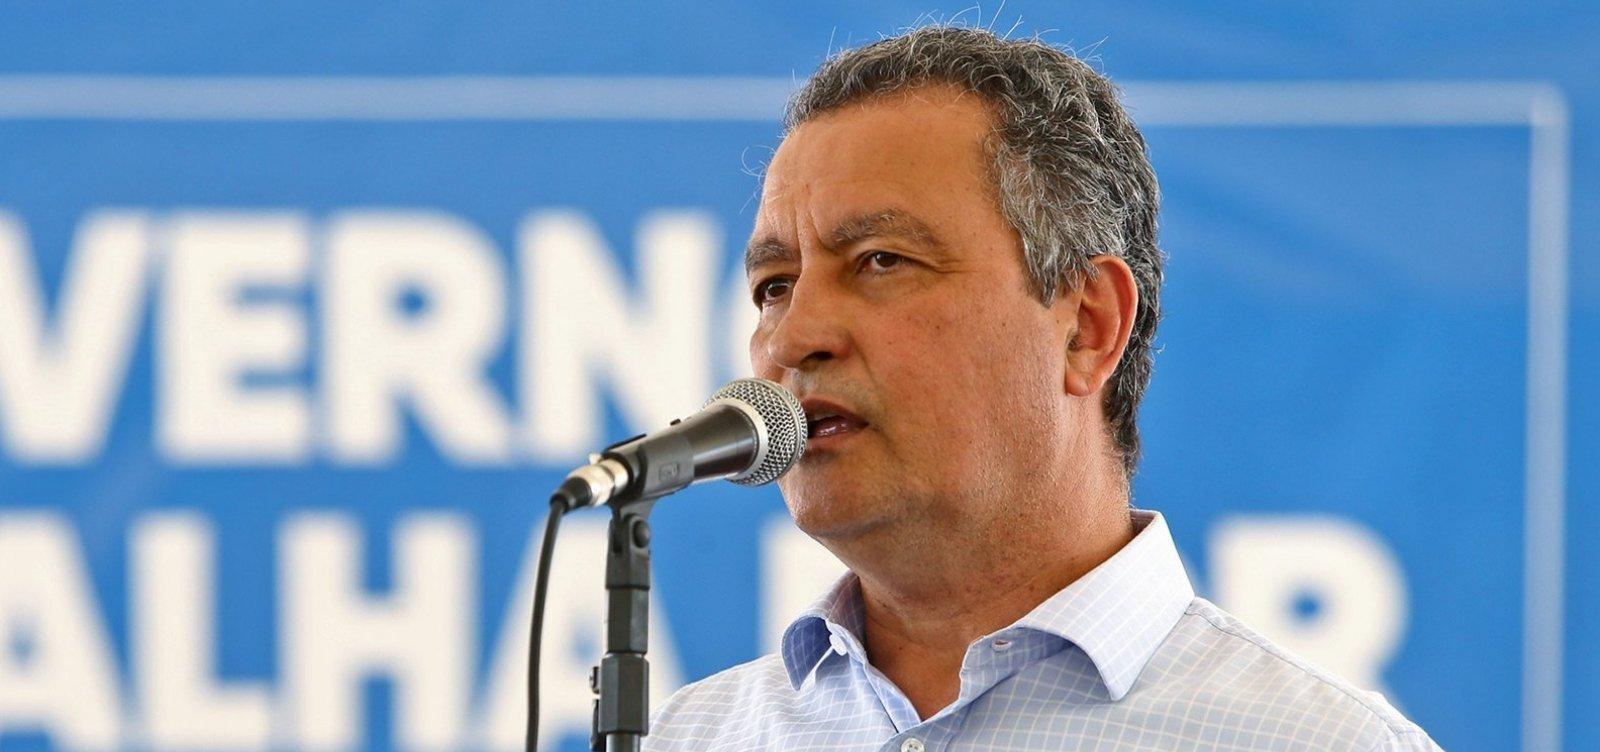 [Covid-19: Rui Costa quer vacinação na Bahia em até 30 dias]